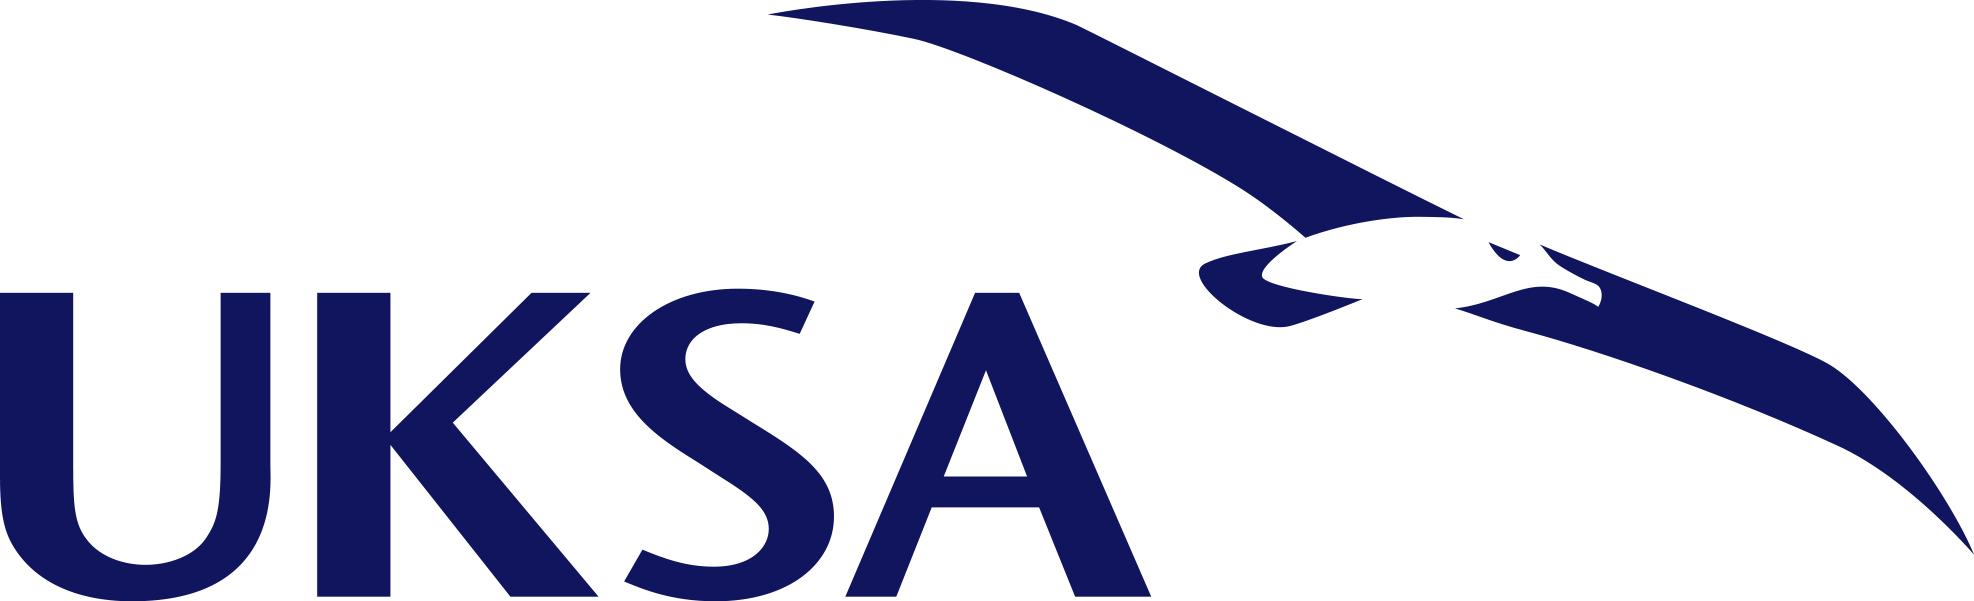 UKSA Logo 2